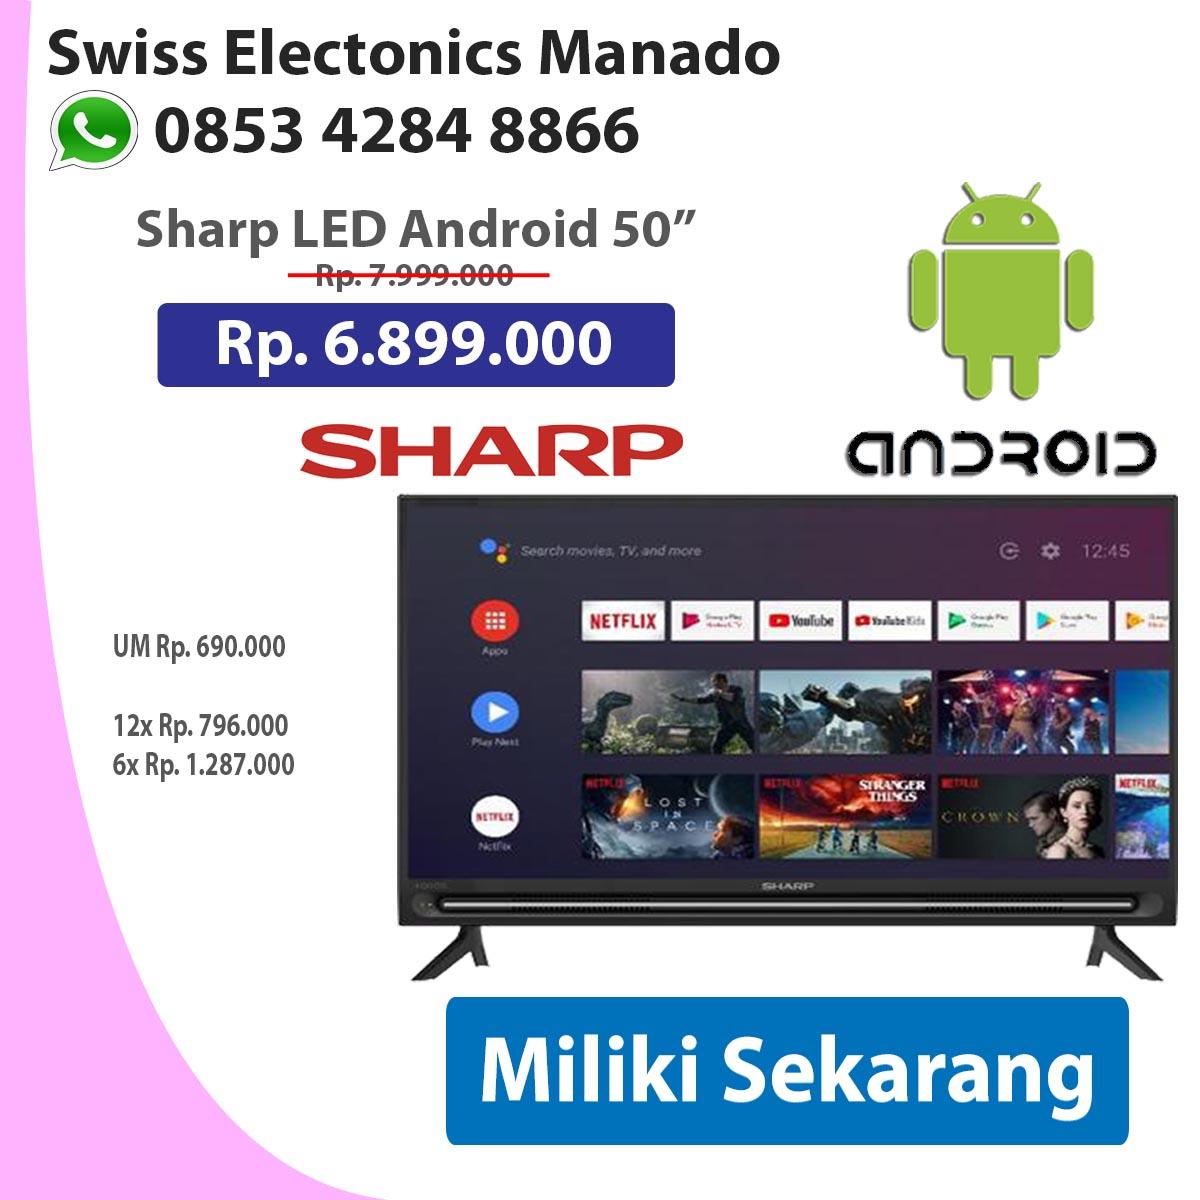 LED Sharp 50 Android 2T-C50BG1I